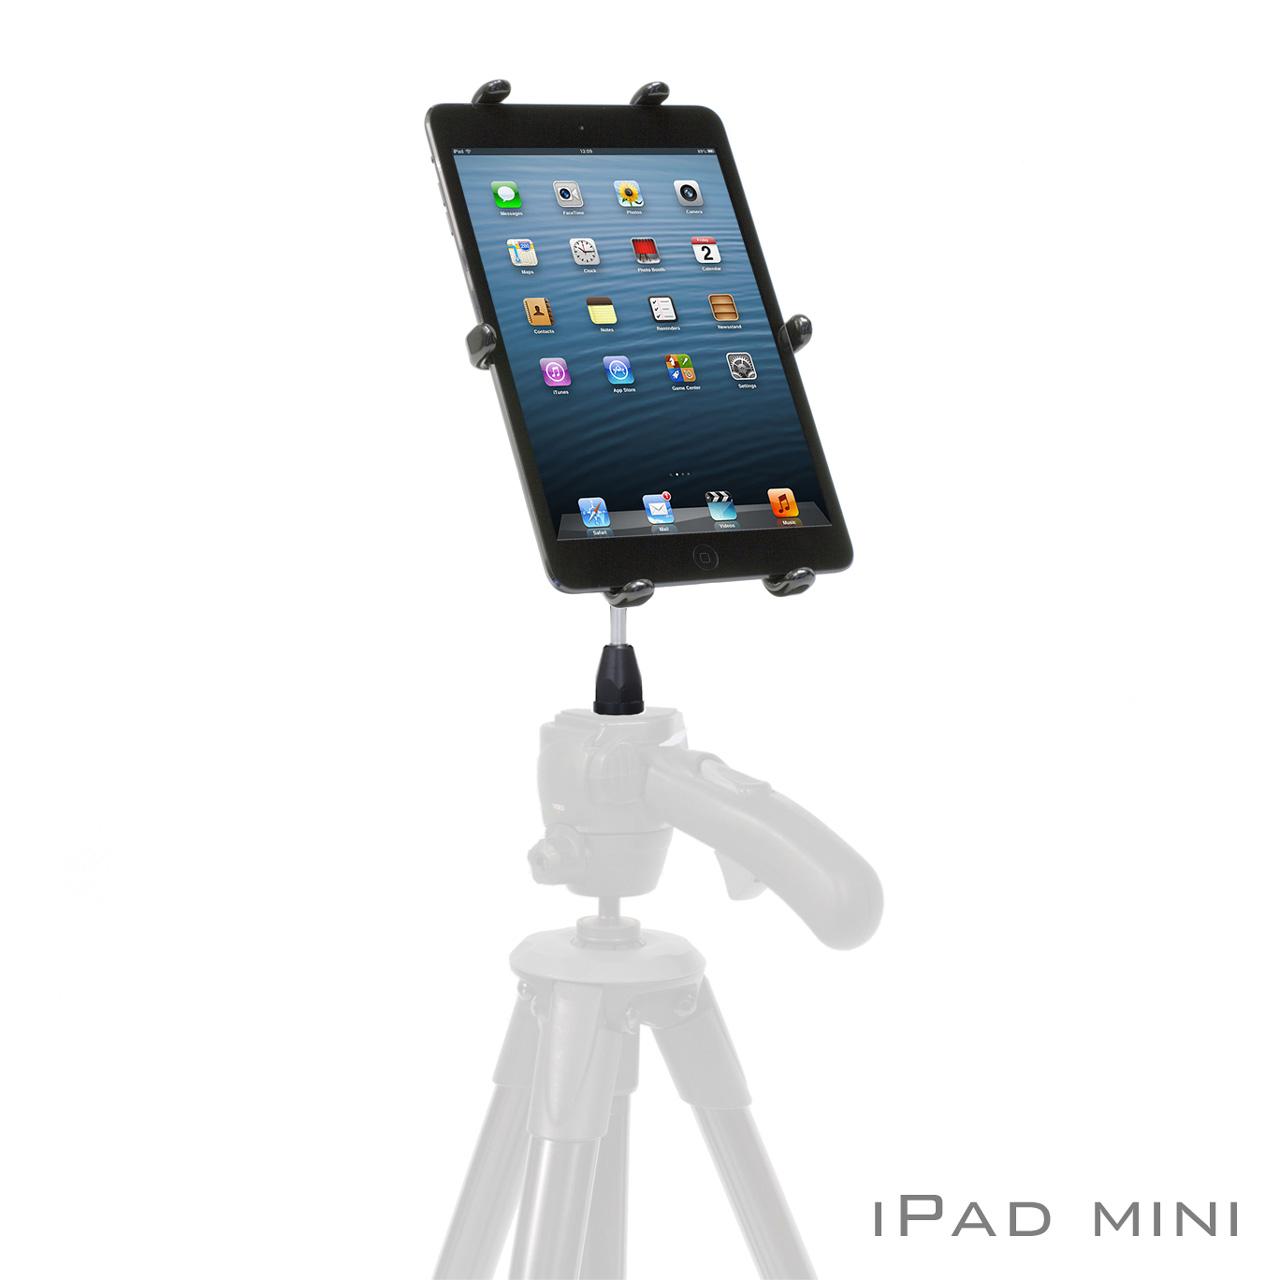 iPad mini Tripod Mount PED4 IPM10